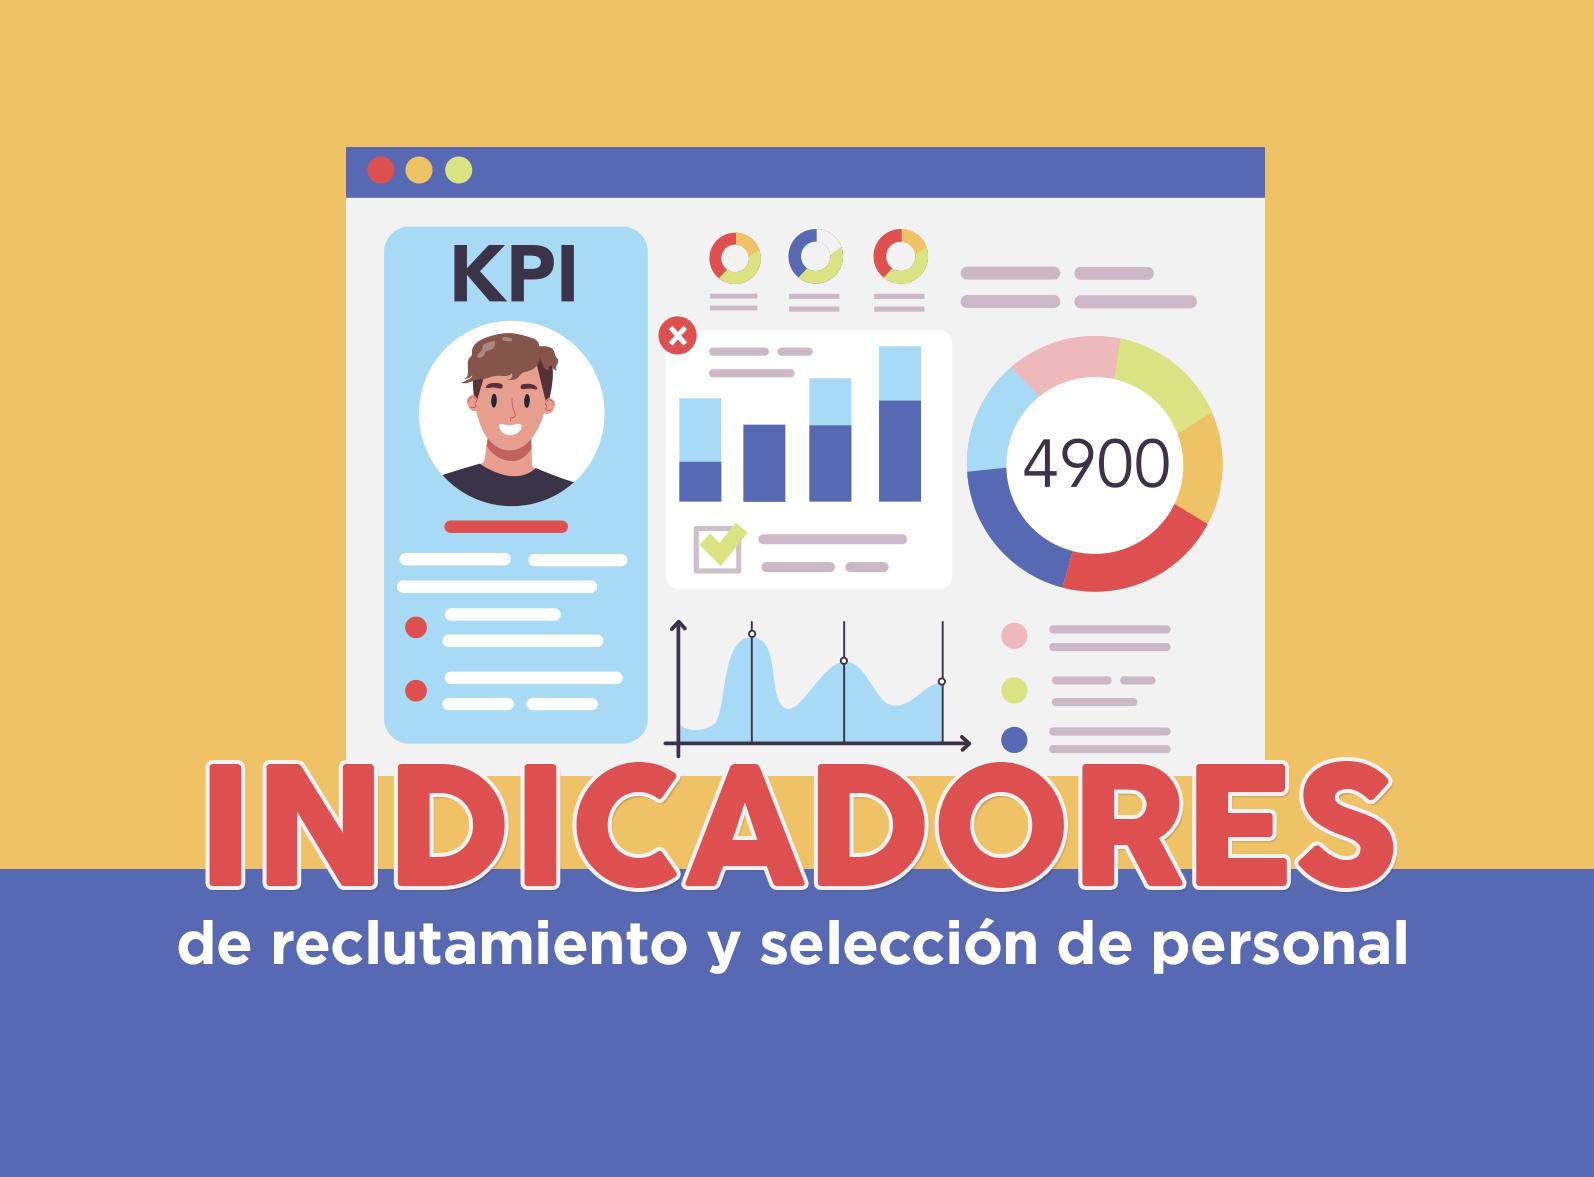 cuales-son-los-indicadores-de-reclutamiento-y-seleccion-de-personal